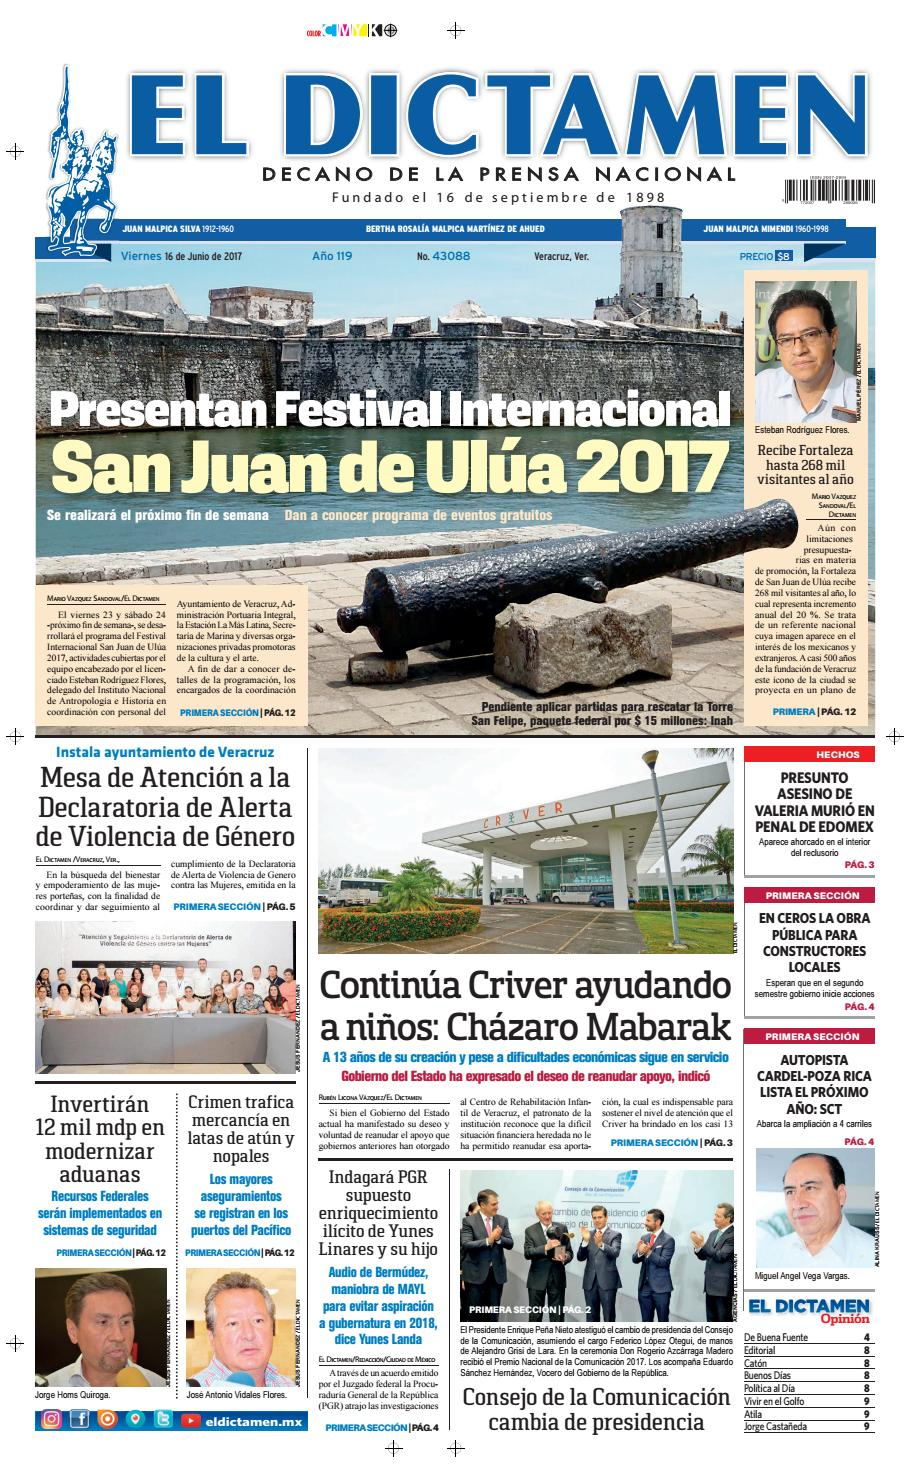 El Dictamen 16 de Junio 2017 by El Dictamen - issuu